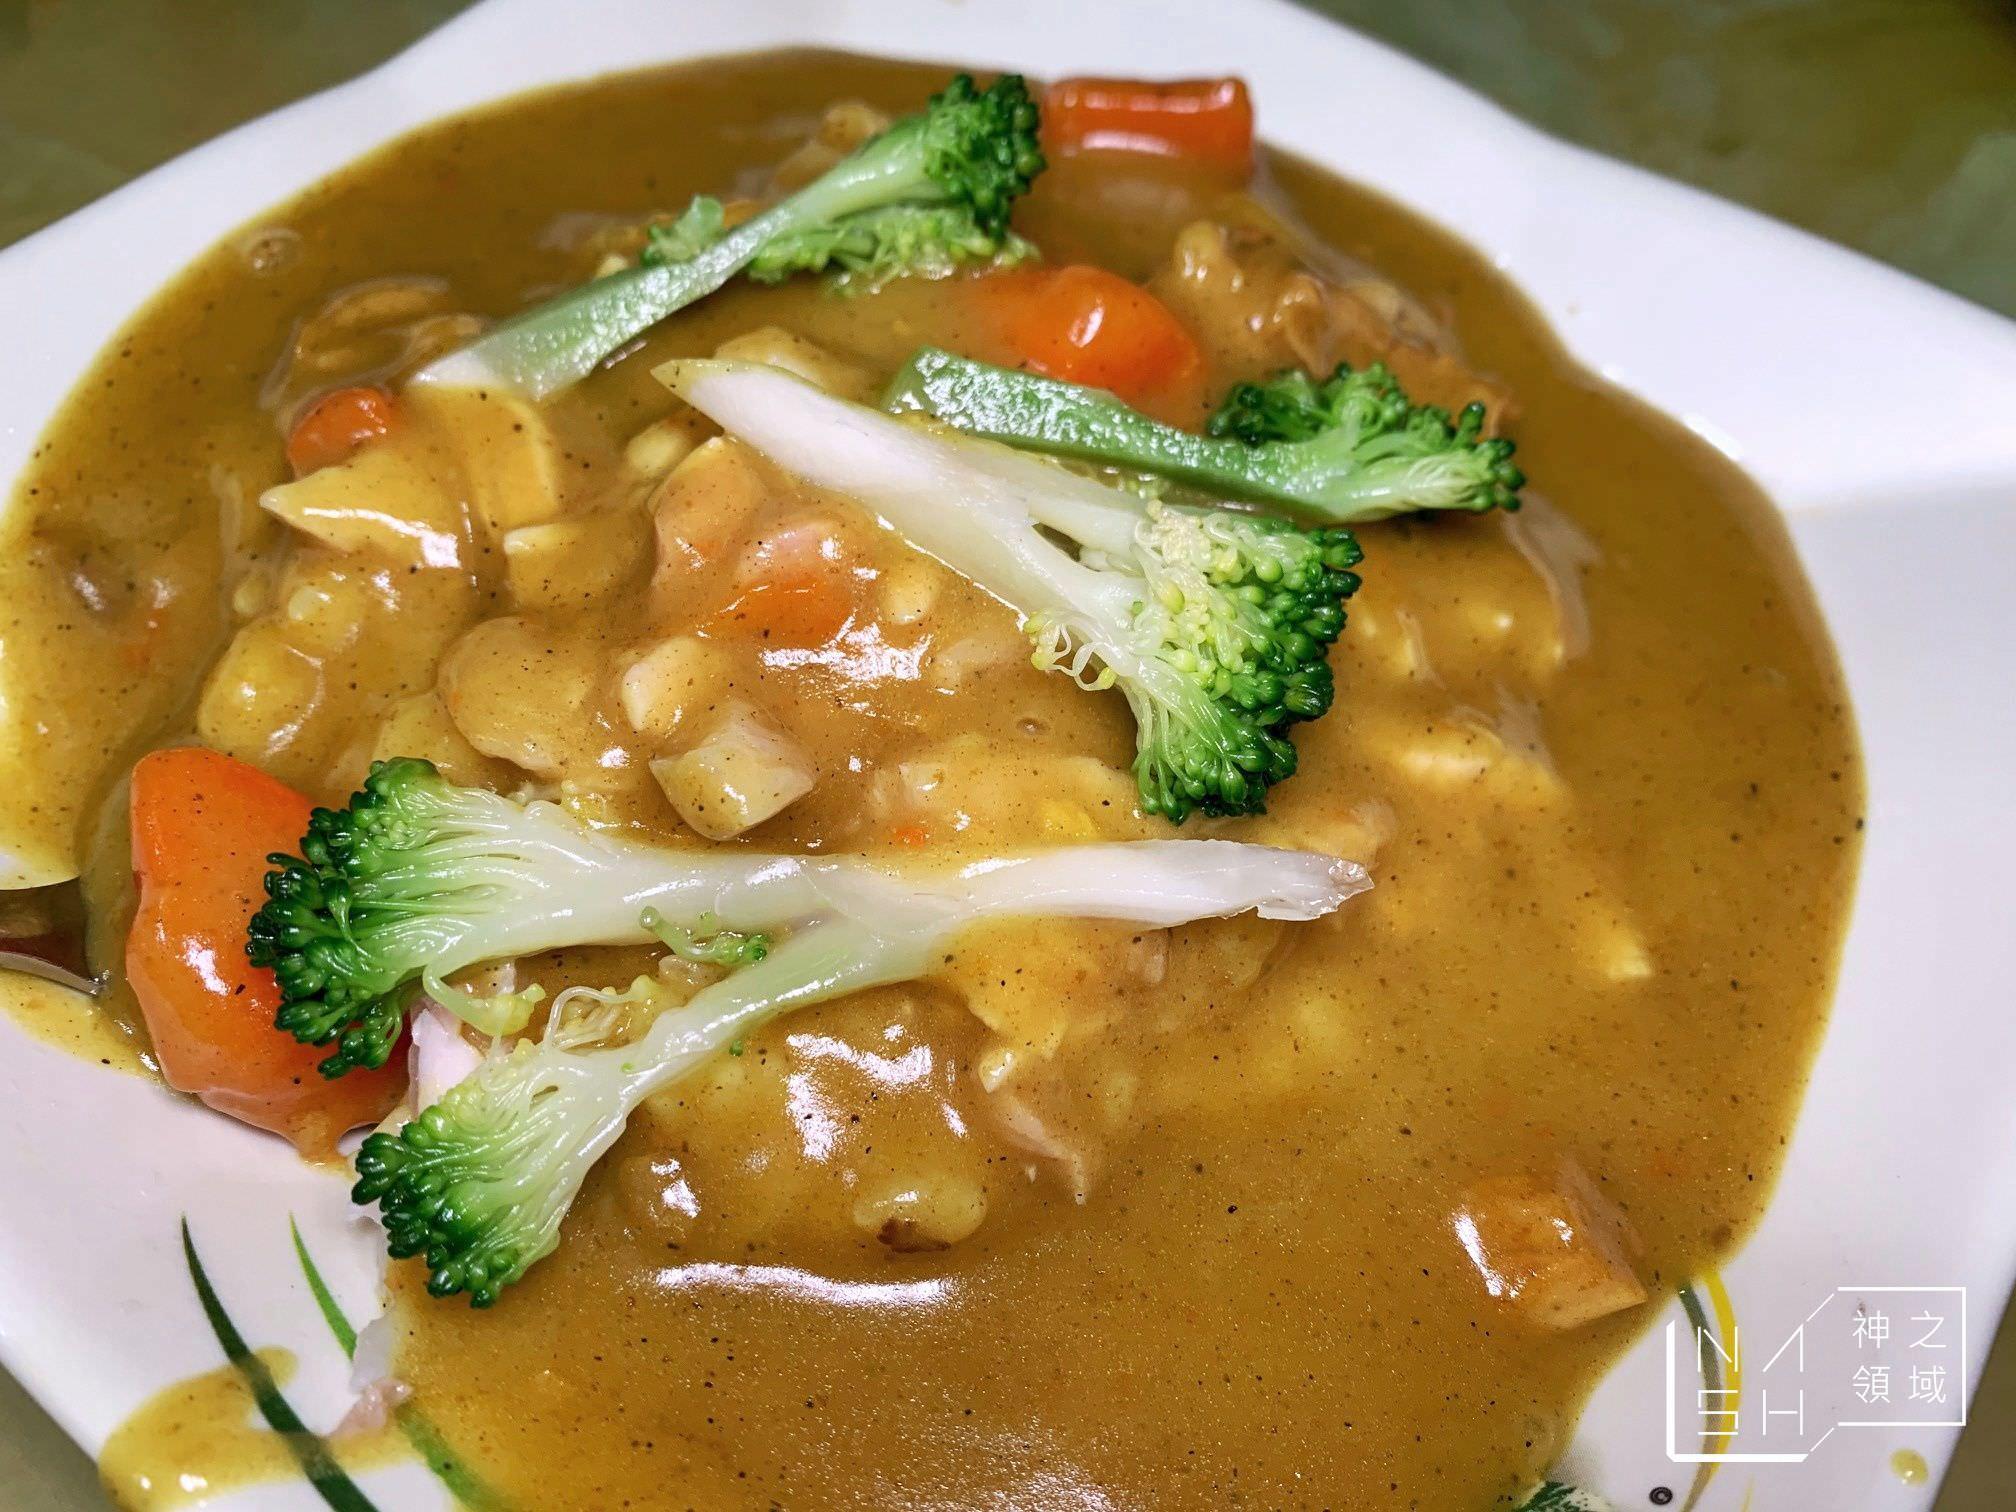 嘉義雞肉飯推薦 阿明火雞肉飯 咖哩雞肉飯跟雞肉飯都是招牌 (菜單價錢)